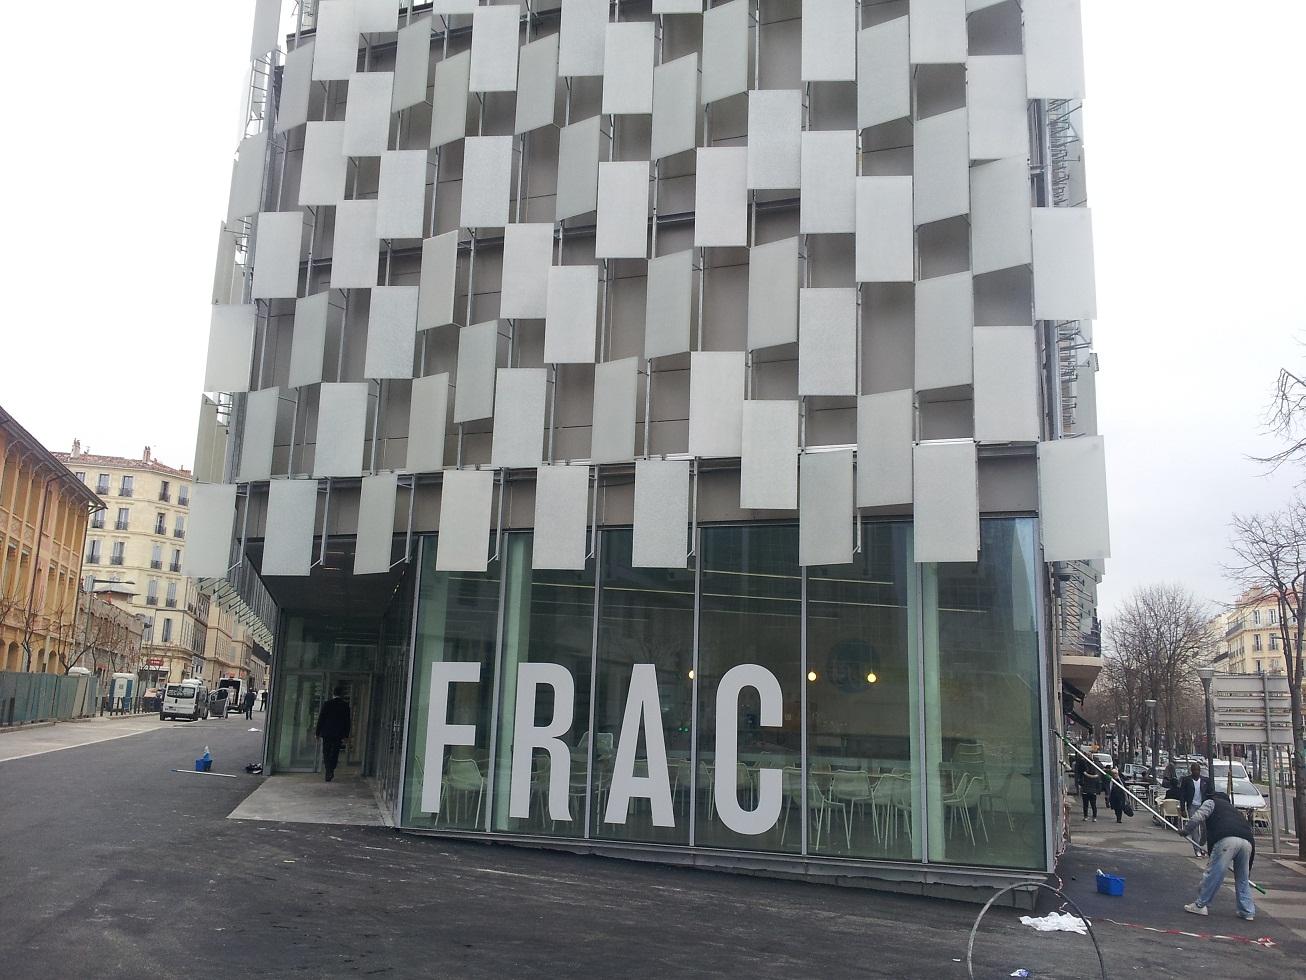 Frac paca marseille ouverture - Frac marseille adresse ...